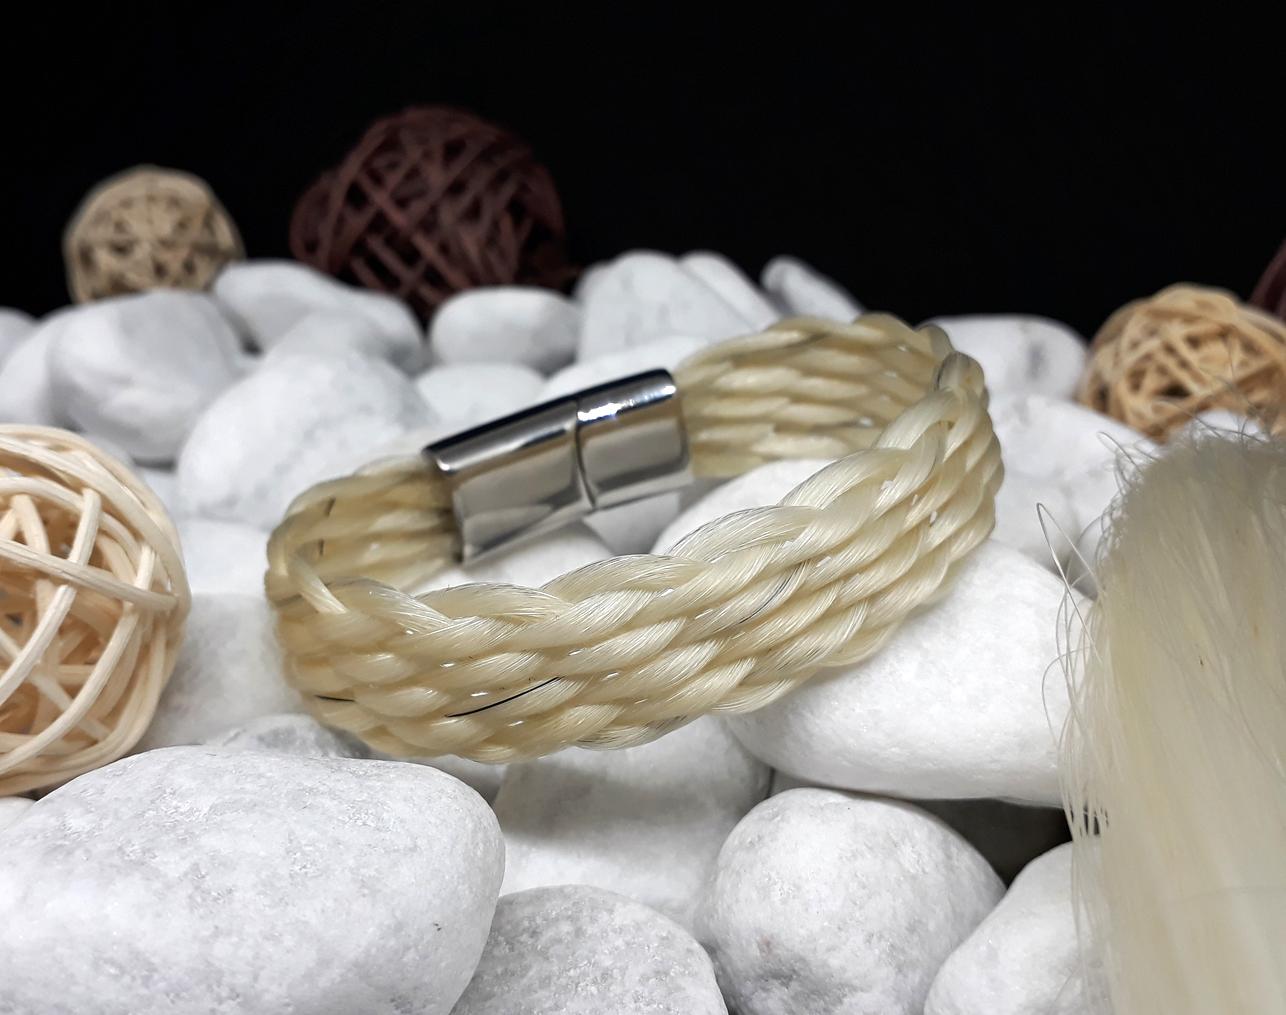 F10-weiß: Flach geflochtenes Armband aus 10 dicken weißen Strängen, mit Edelstahl-Magnetverschluss zum Aufschieben - Preis: 49 Euro